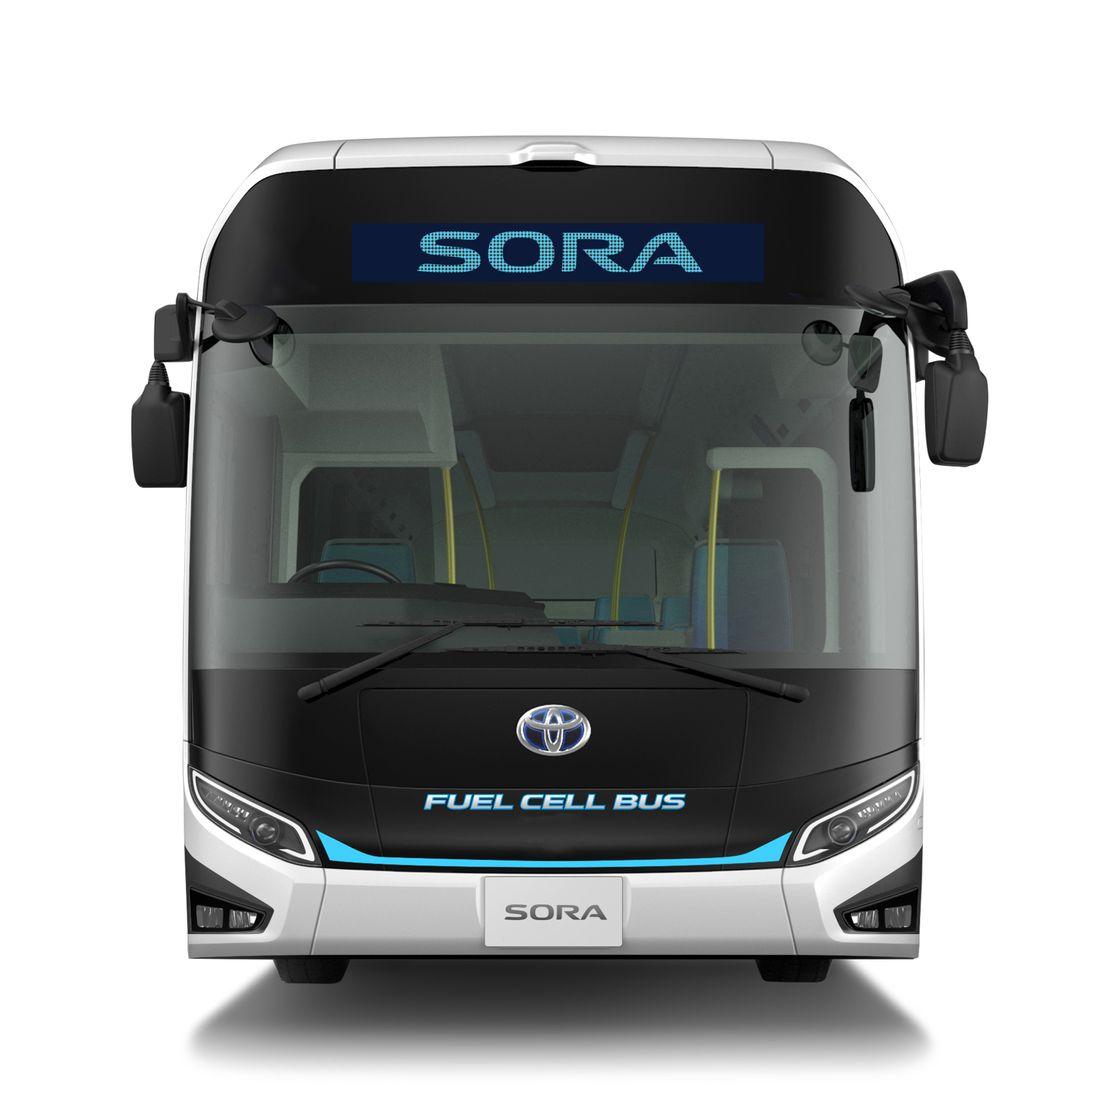 Sora (concept model)